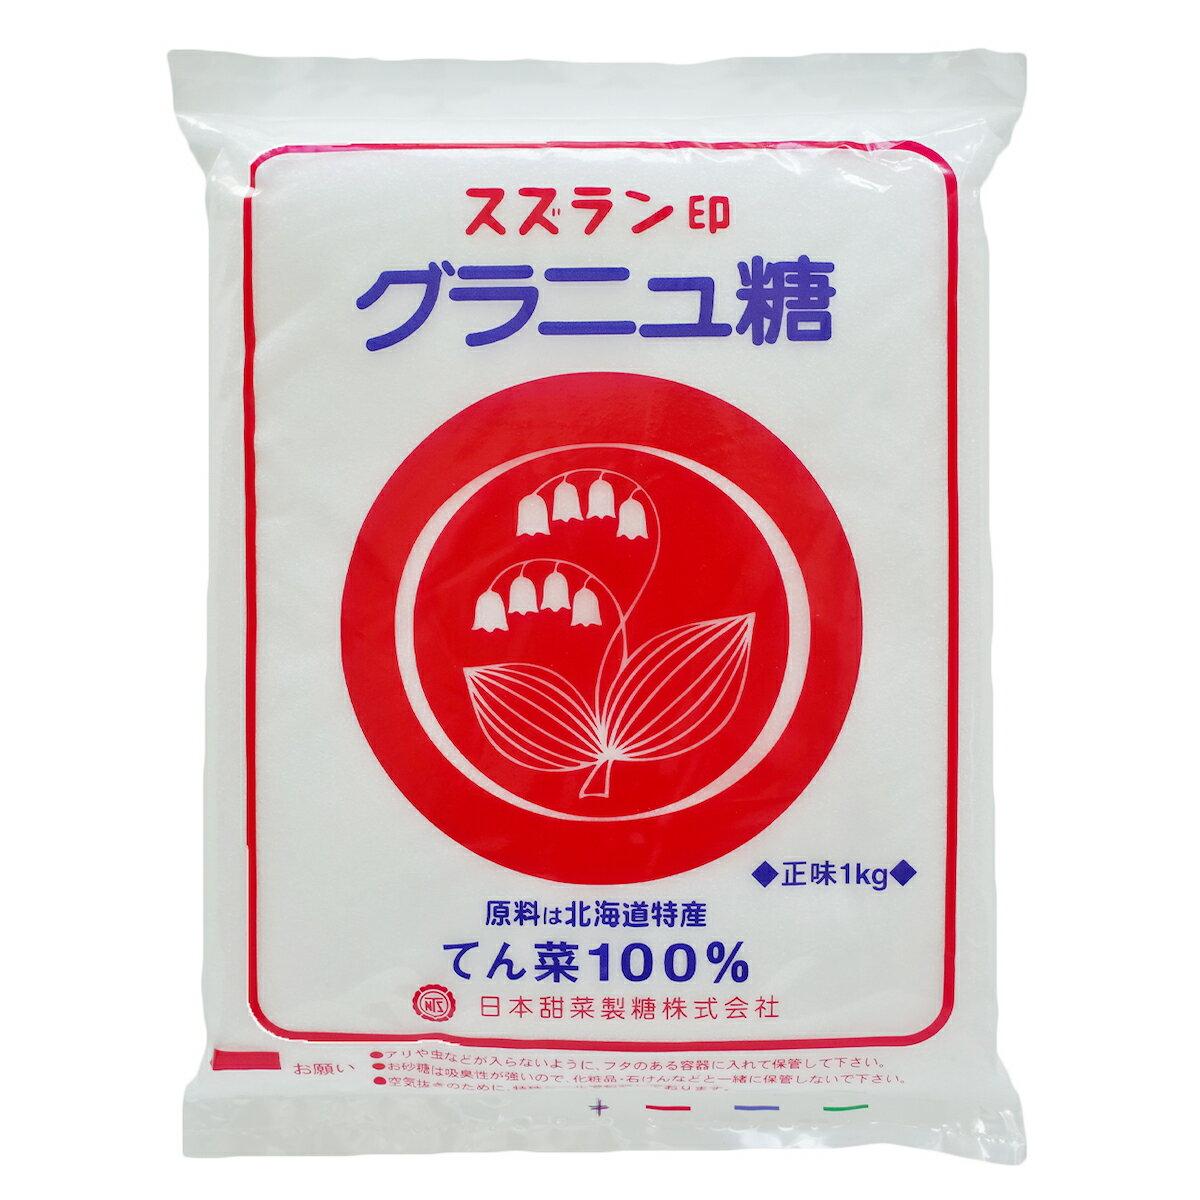 砂糖, グラニュー糖  1kg